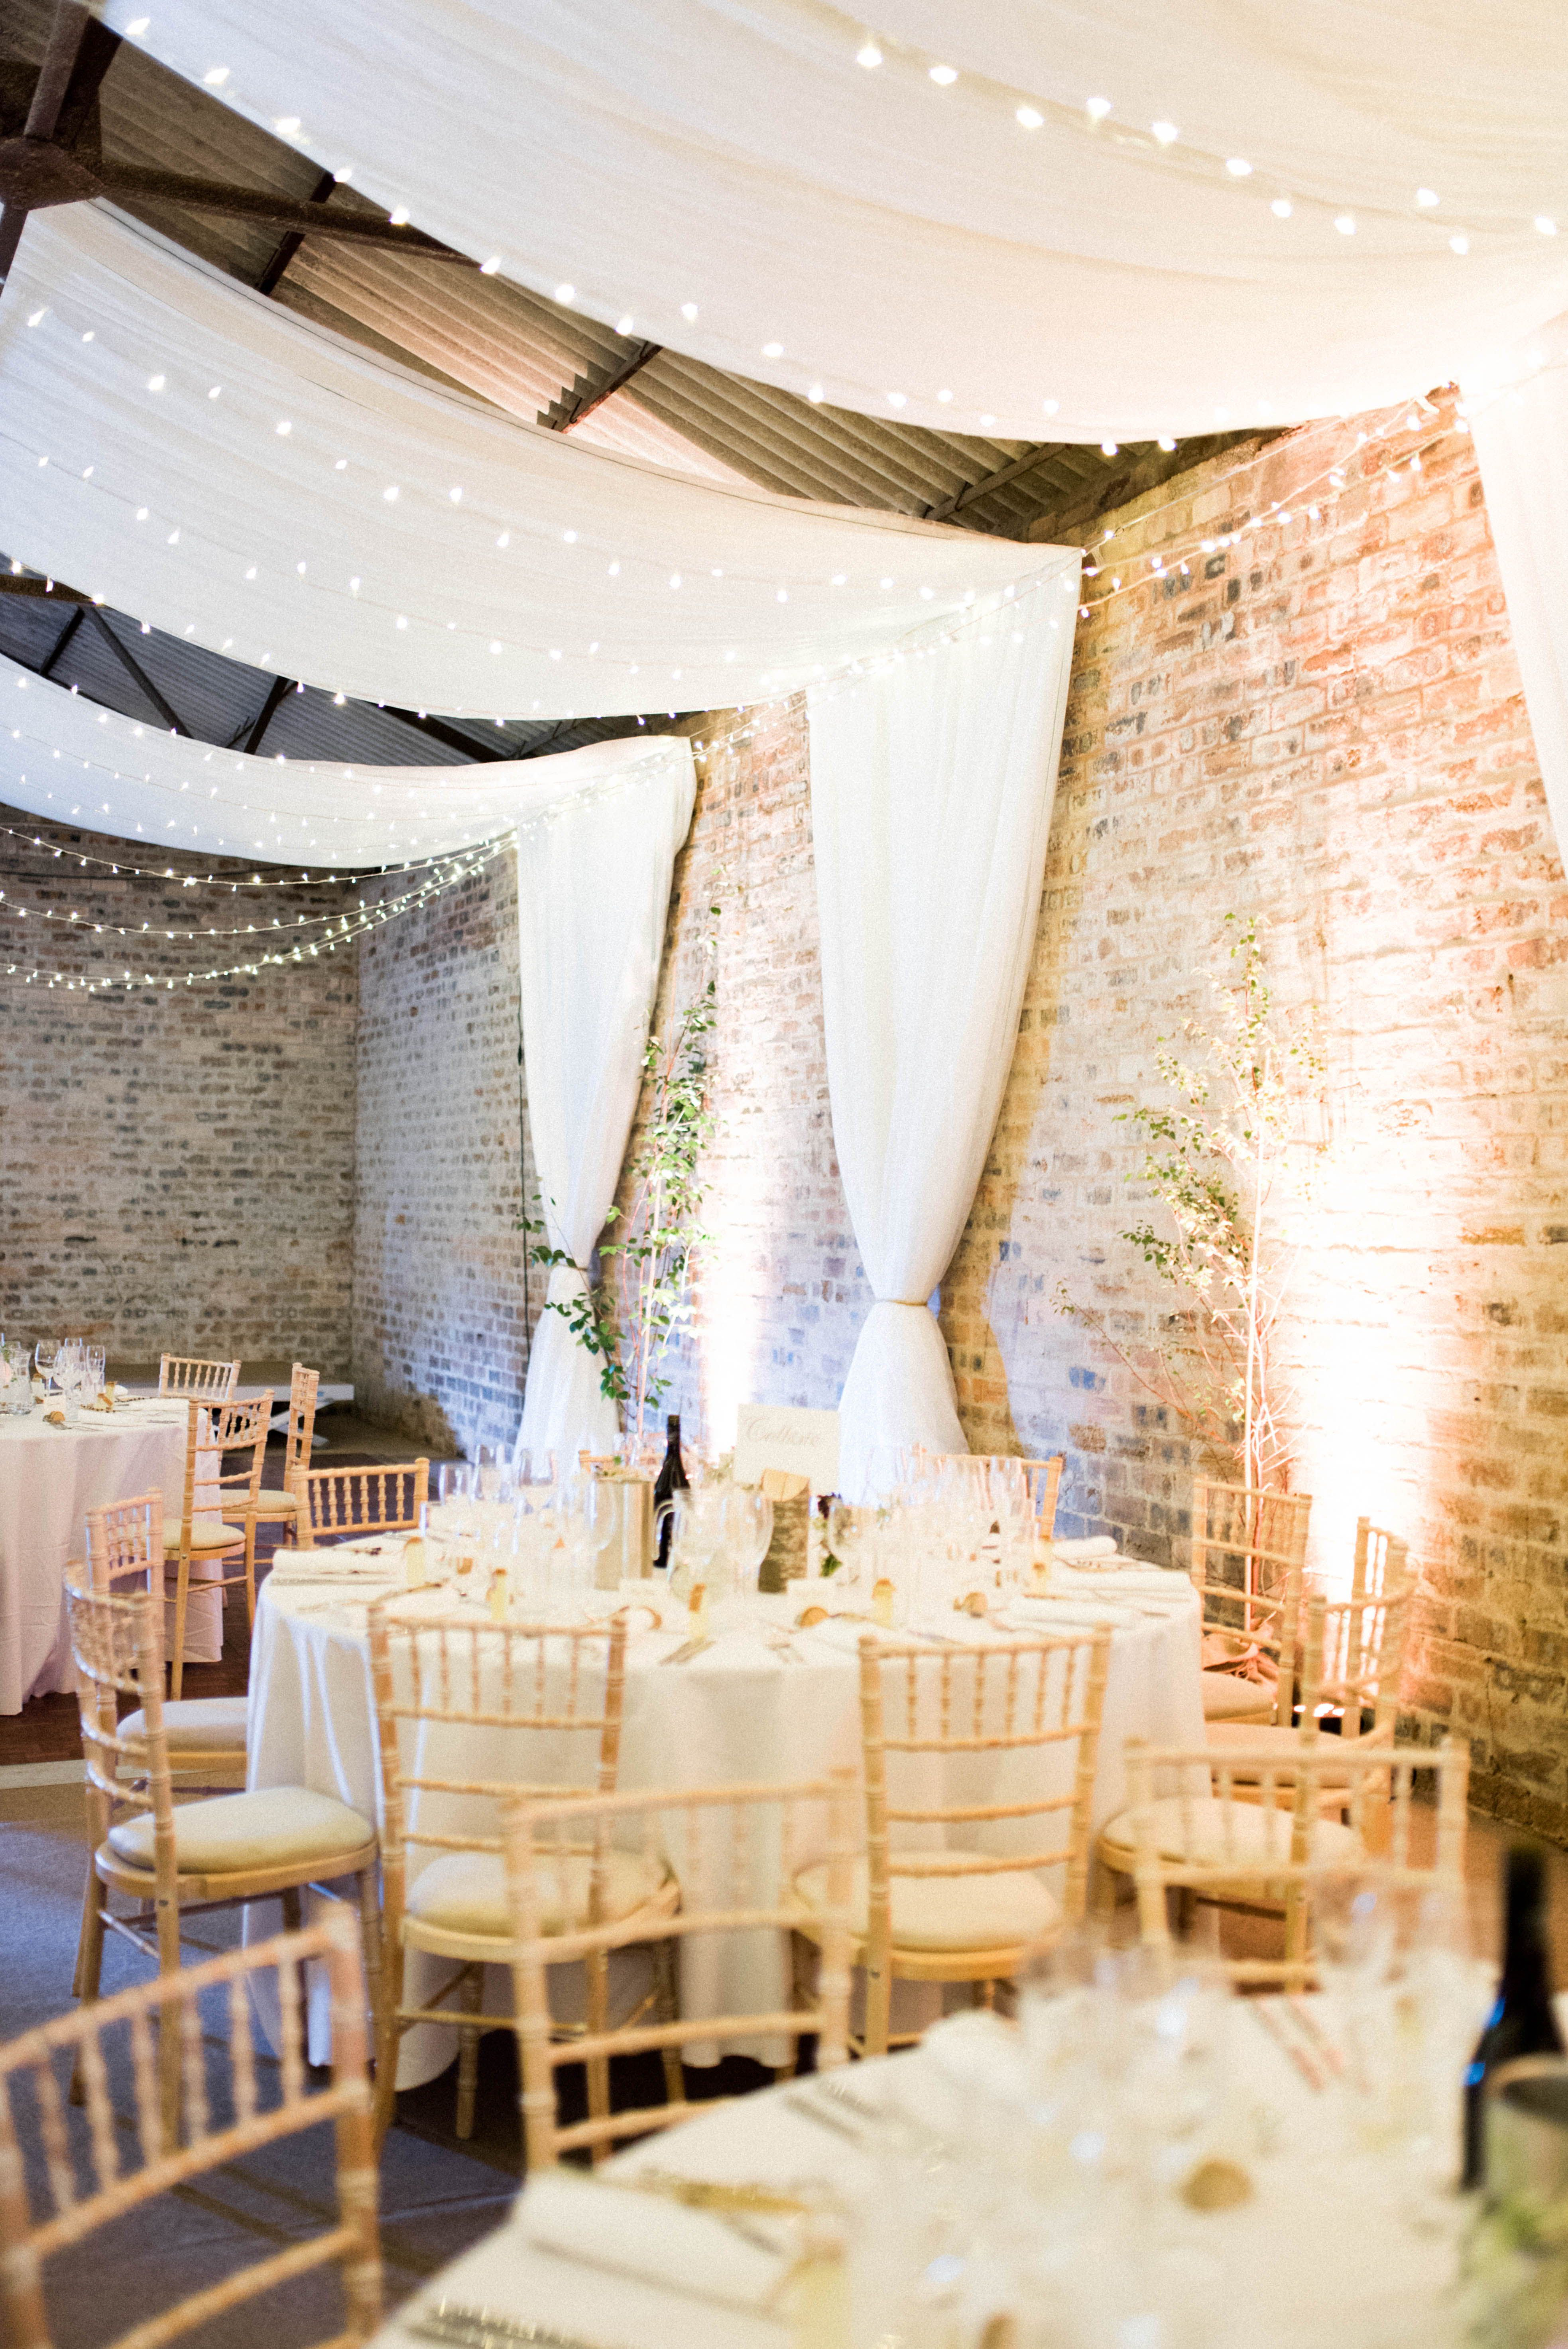 Unique Barn Wedding Venues in Scotland in 2020 | Wedding ...